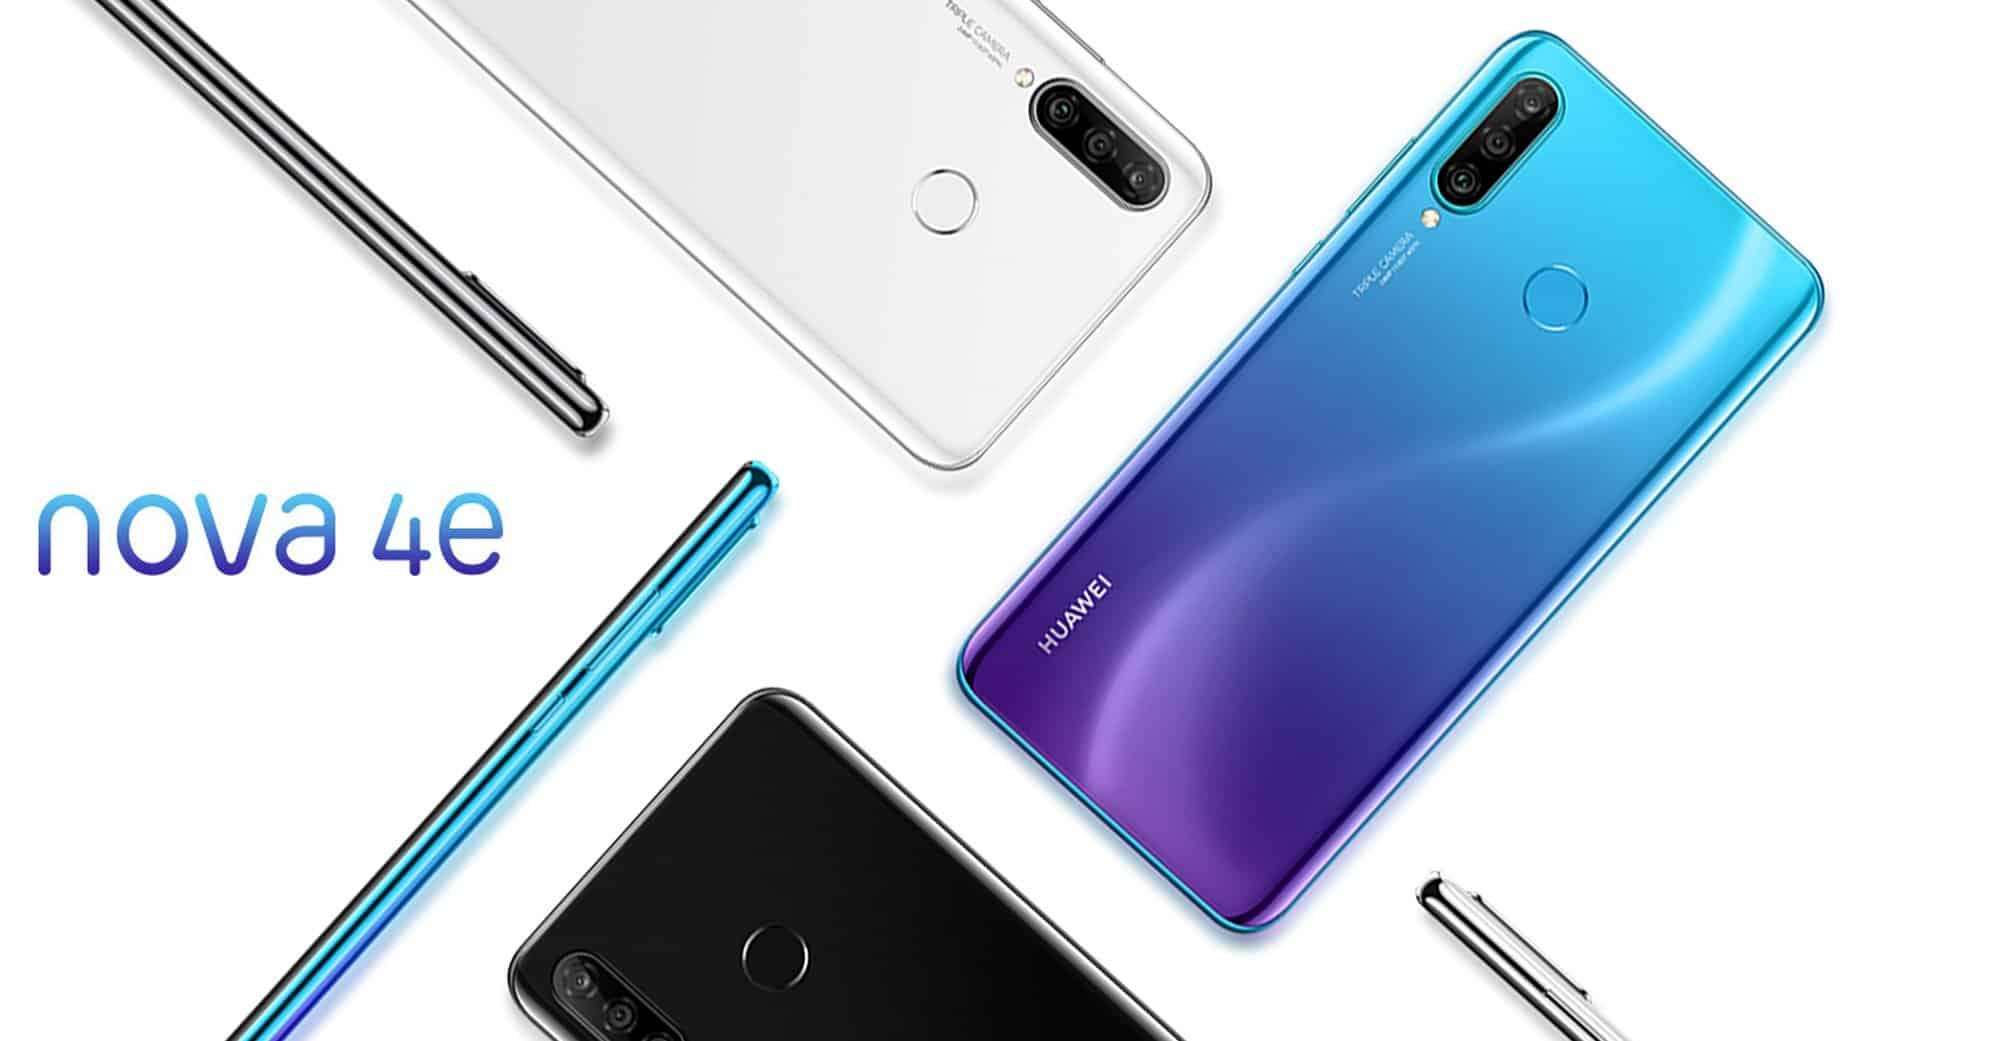 Huawei Nova 4e official